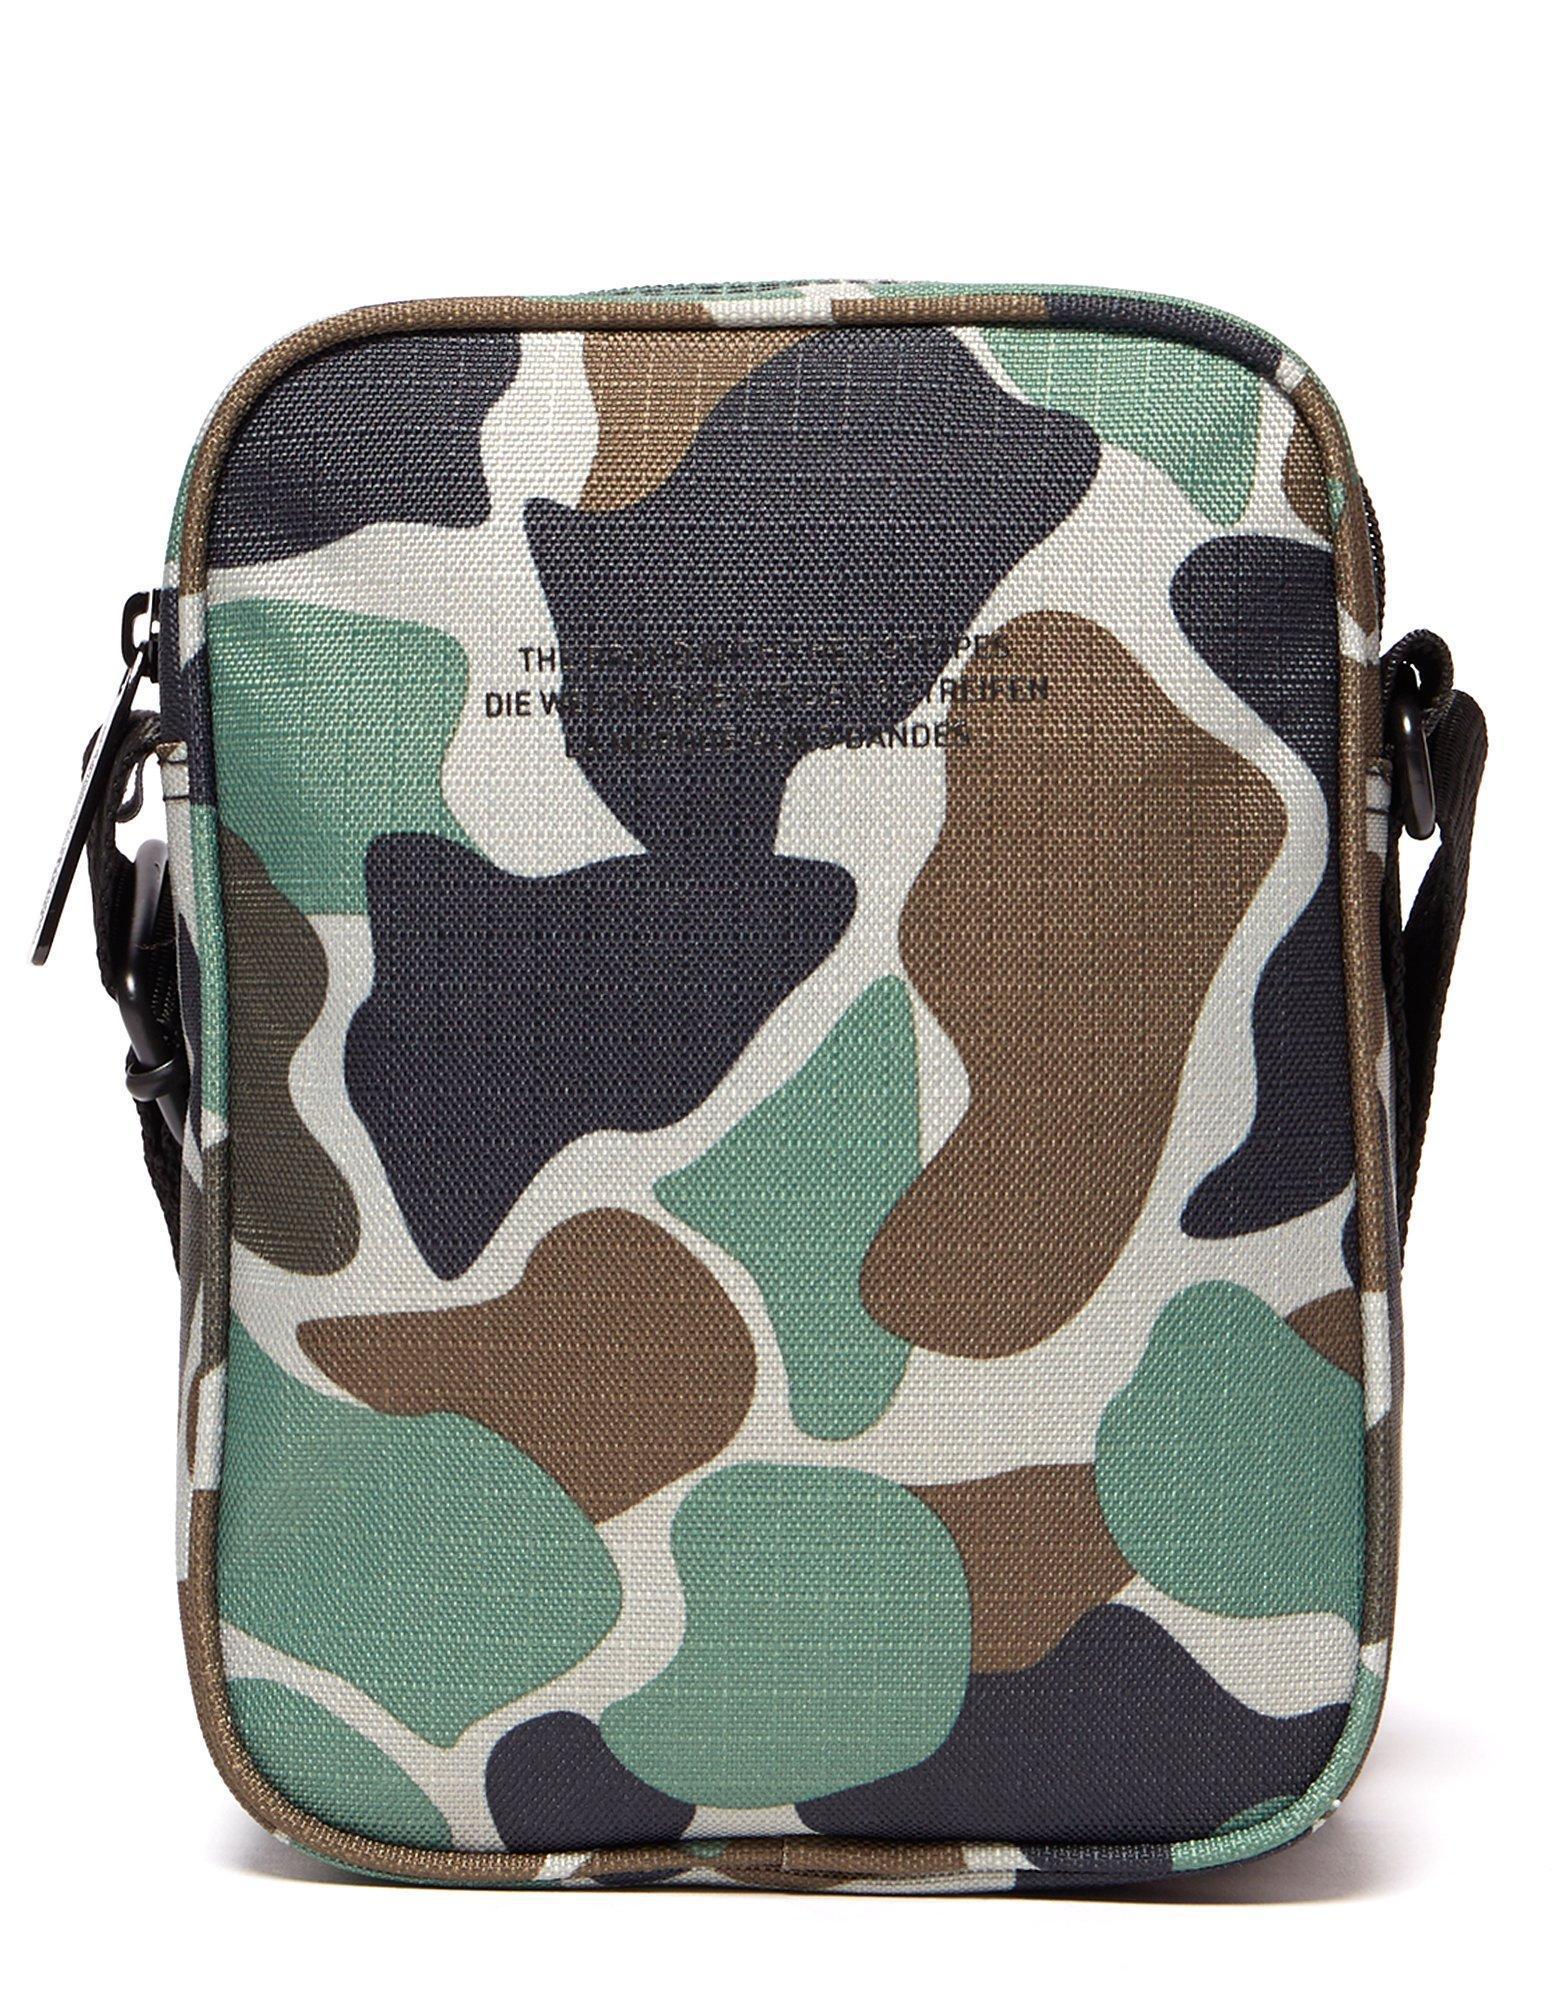 09d5e061df Lyst - adidas Originals Mini Bag in Green for Men